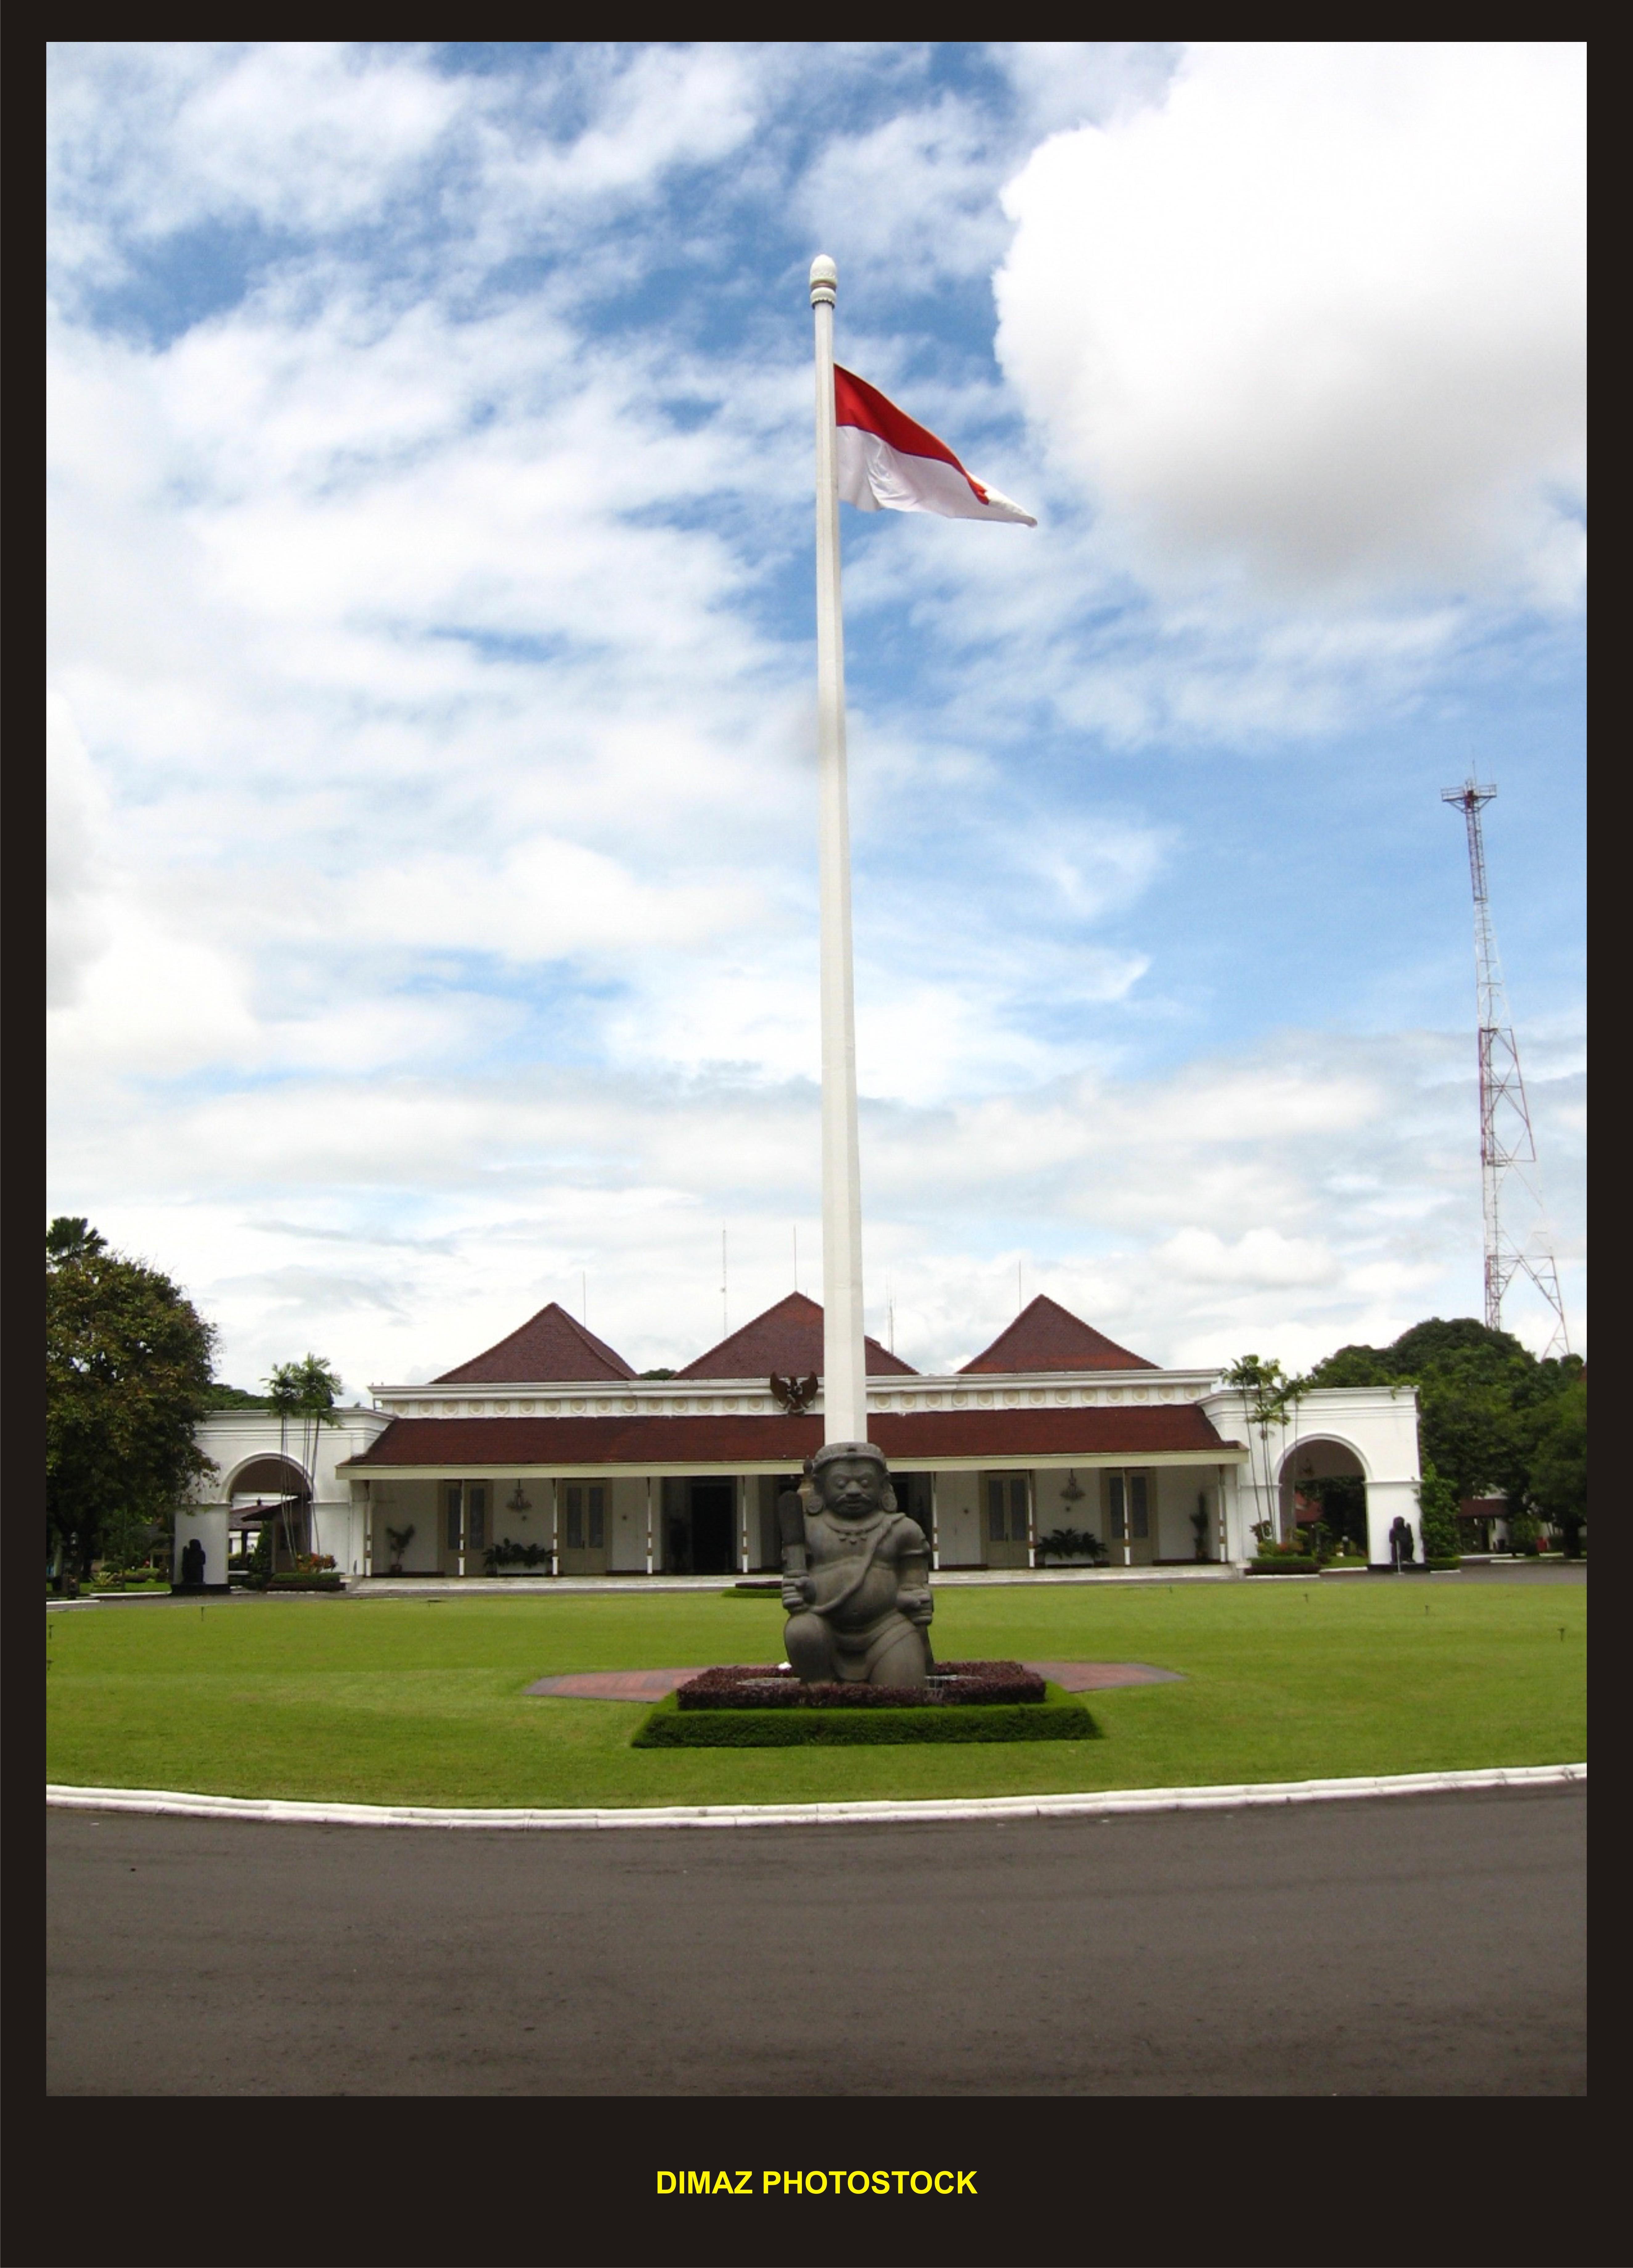 Gedung Kepresidenan Jogjakarta